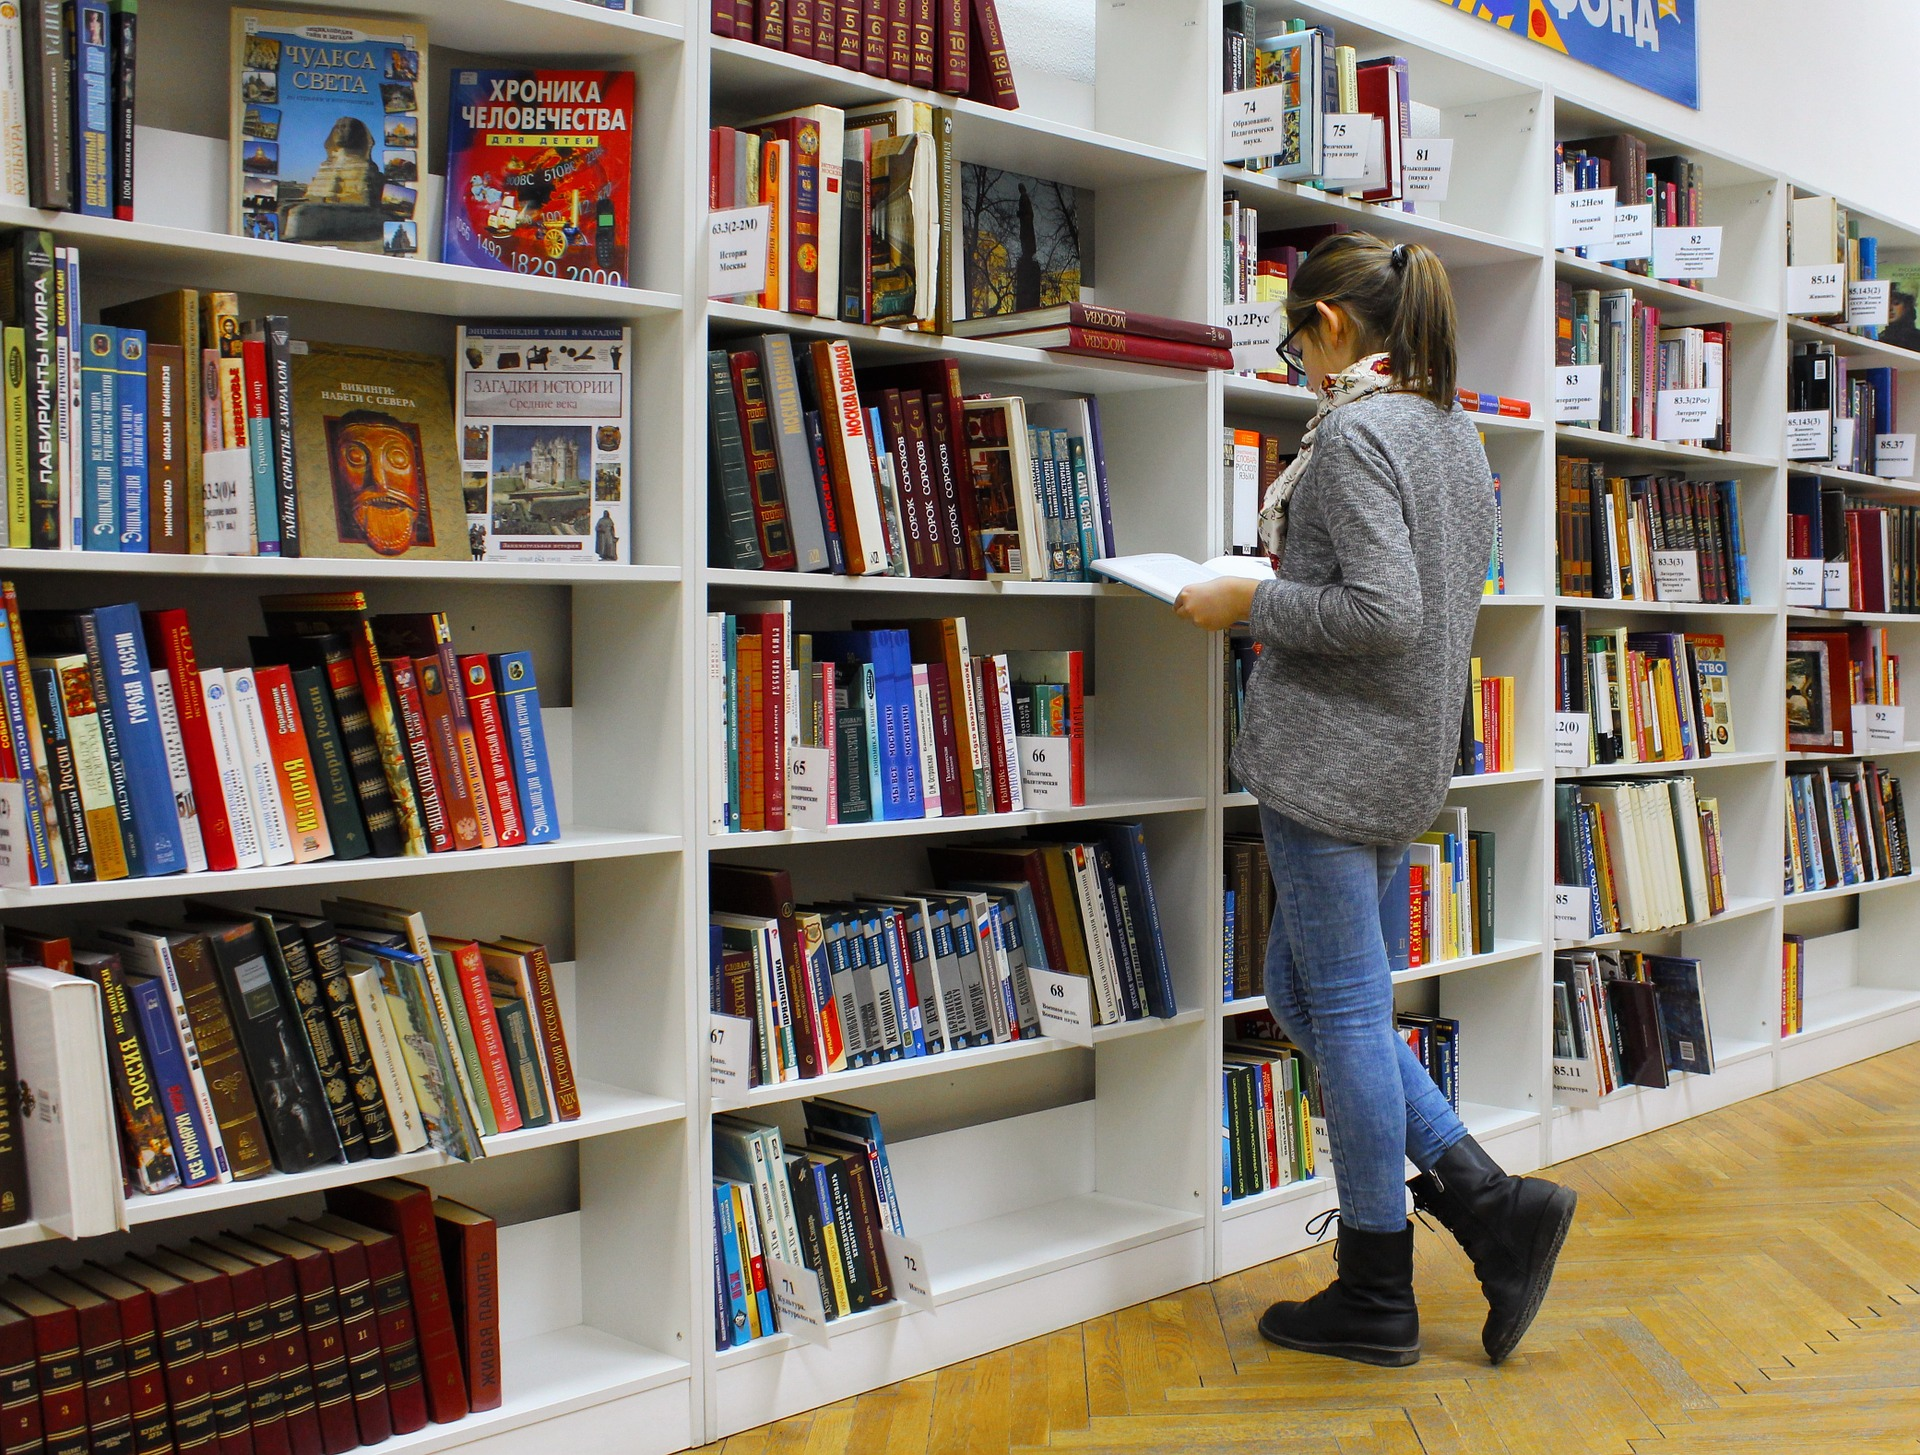 Raniżów. Gdzie została przeniesiona Gminna Biblioteka Publiczna? - Zdjęcie główne